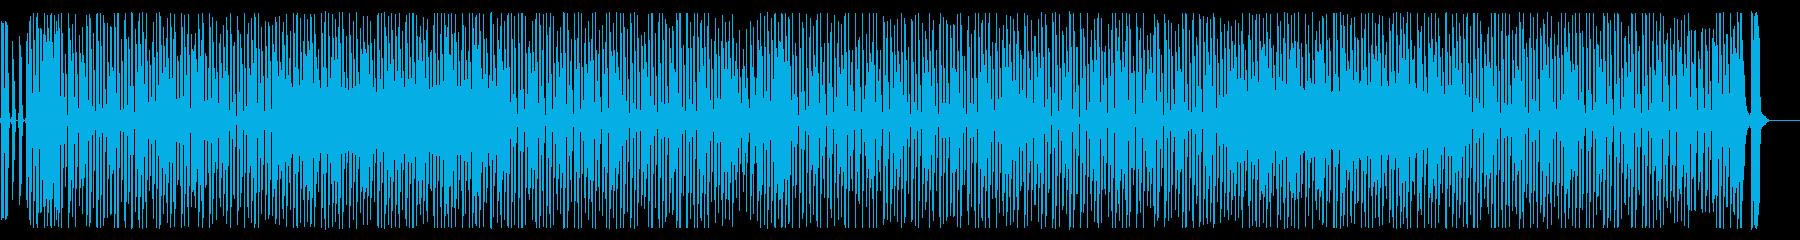 和風アクセントの効いたコミックテクノの再生済みの波形